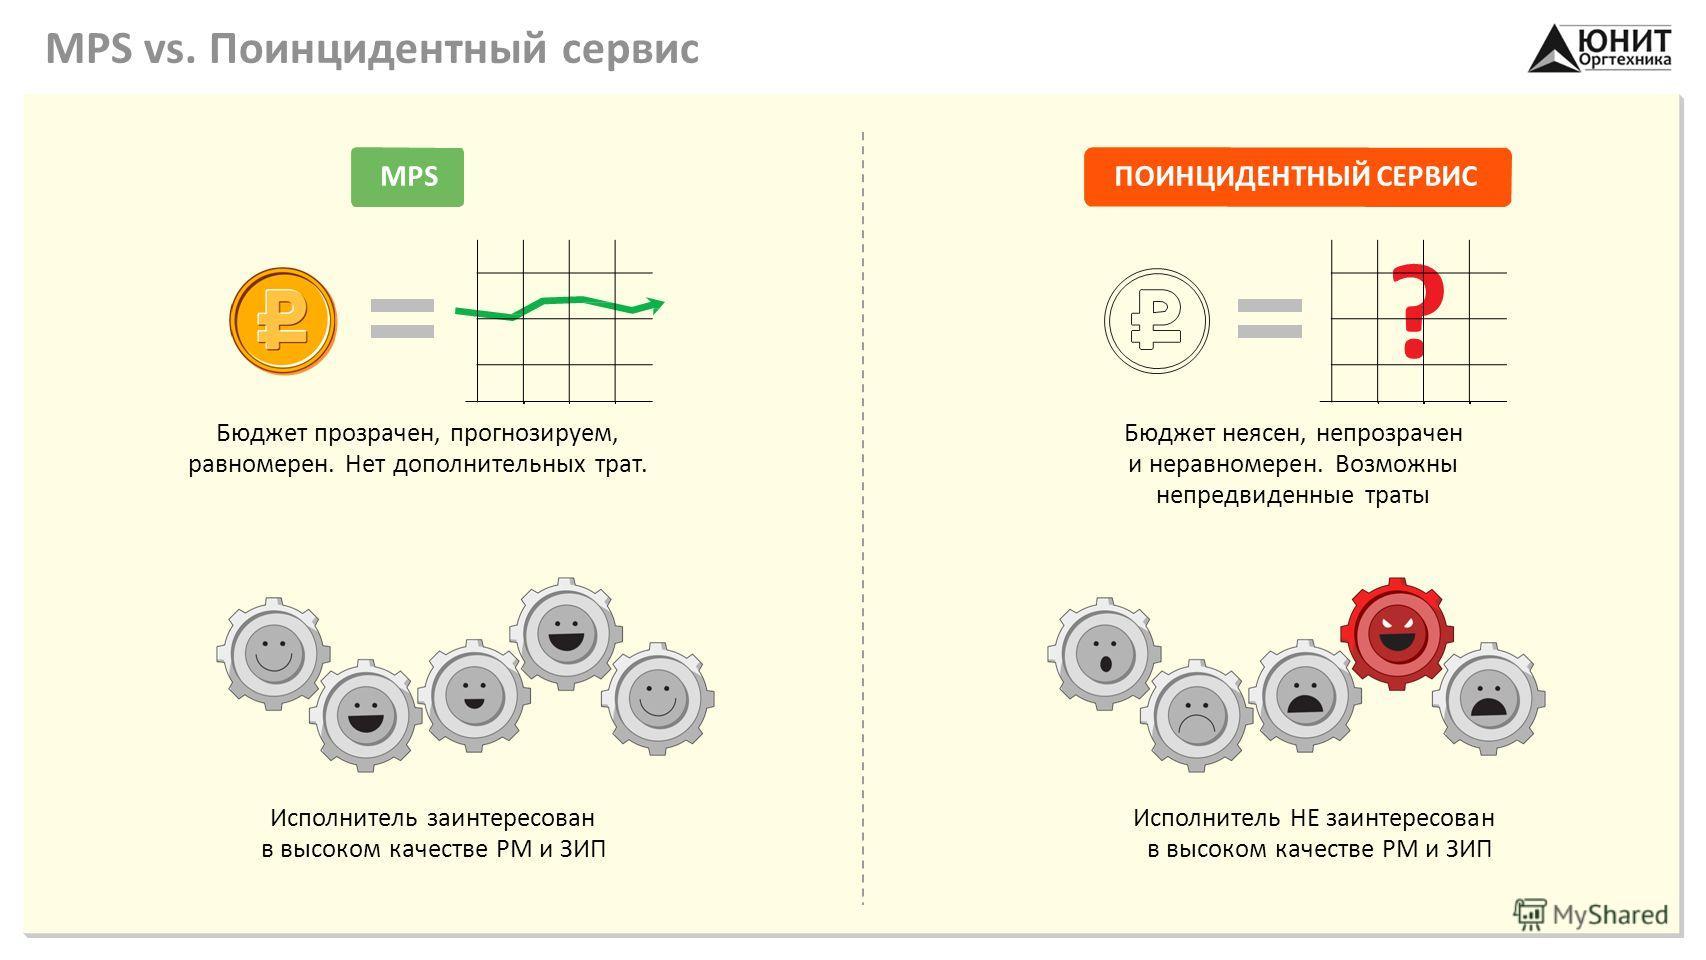 MPS vs. Поинцидентный сервис Исполнитель заинтересован в высоком качестве РМ и ЗИП Исполнитель НЕ заинтересован в высоком качестве РМ и ЗИП Бюджет прозрачен, прогнозируем, равномерен. Нет дополнительных трат. Бюджет неясен, непрозрачен и неравномерен